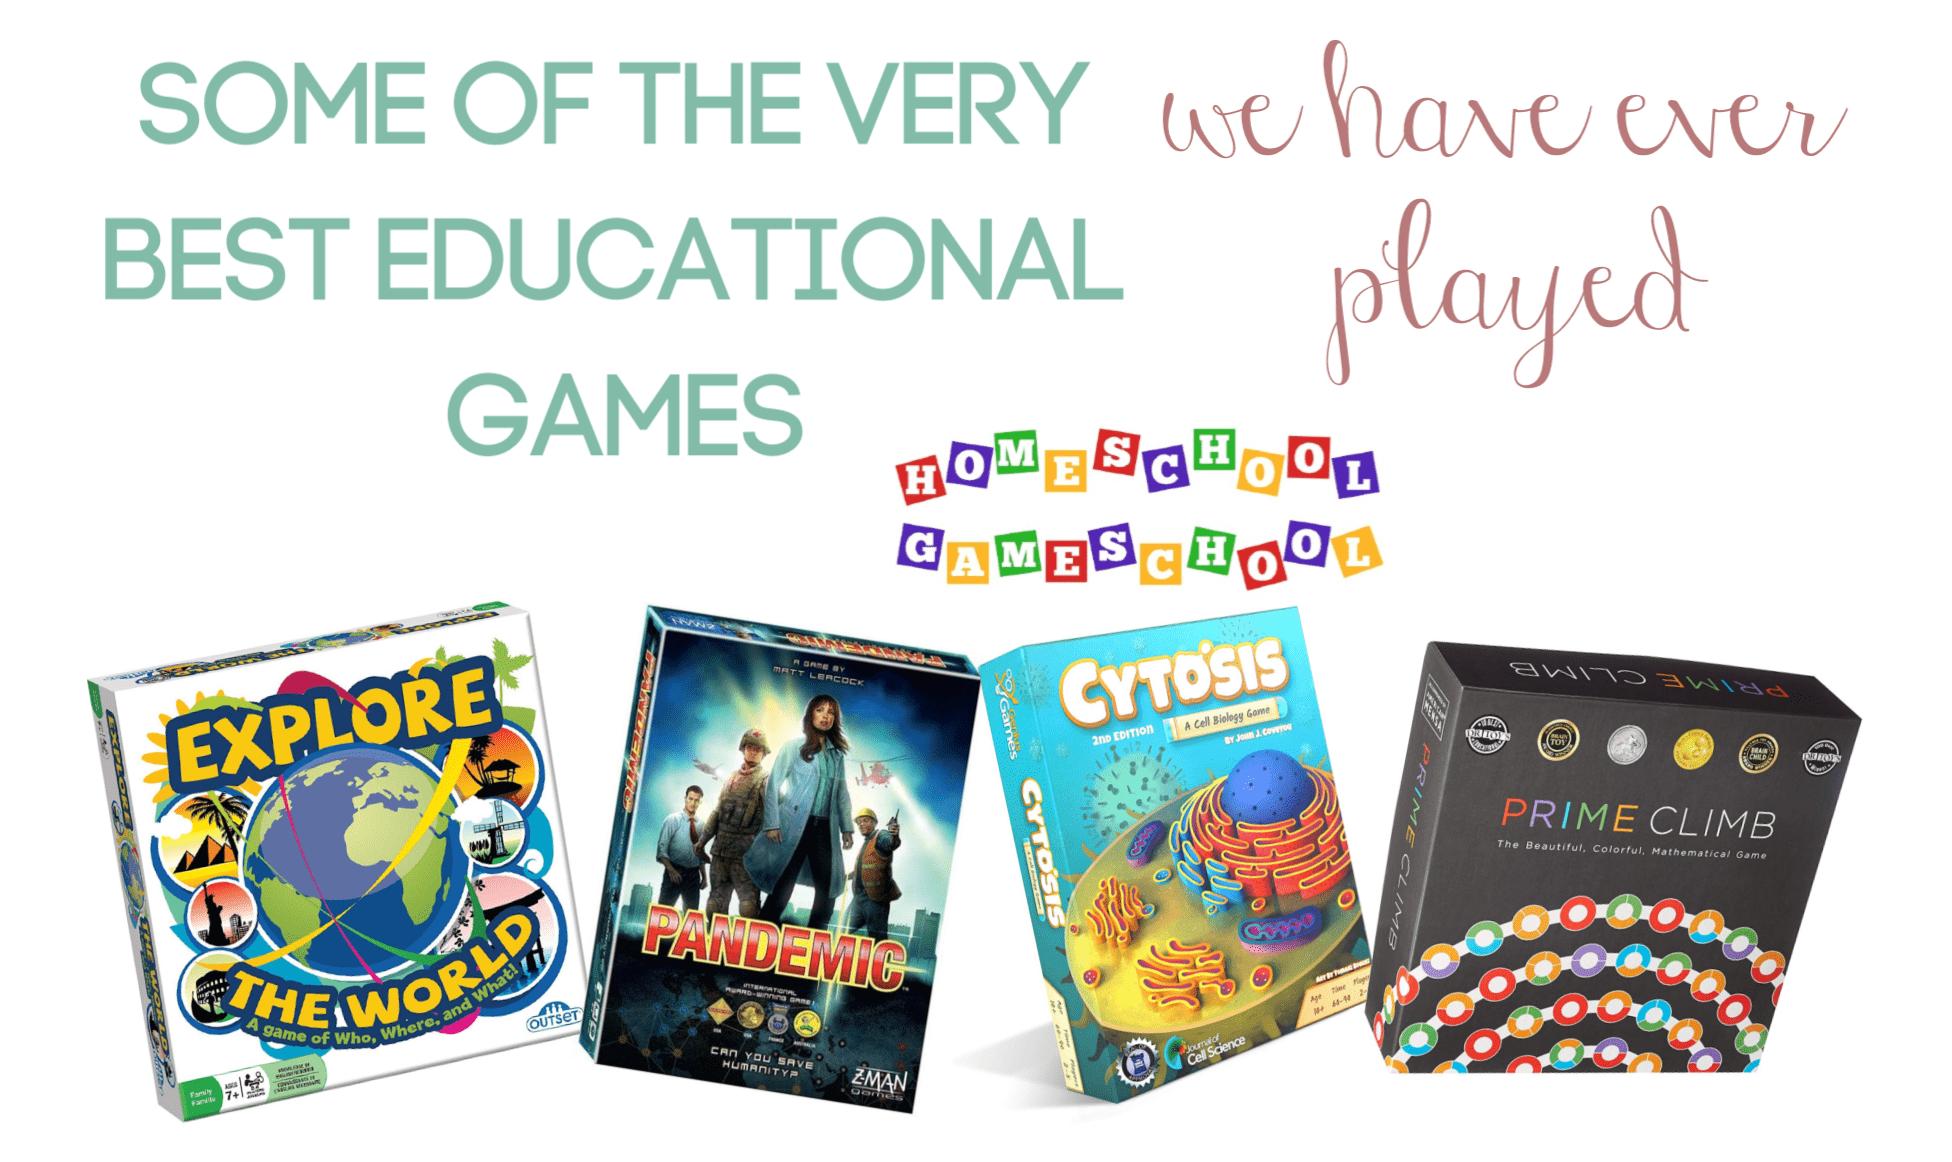 The Very Best Educational Games . - Gameschooling @ HomeschoolGameschool.com